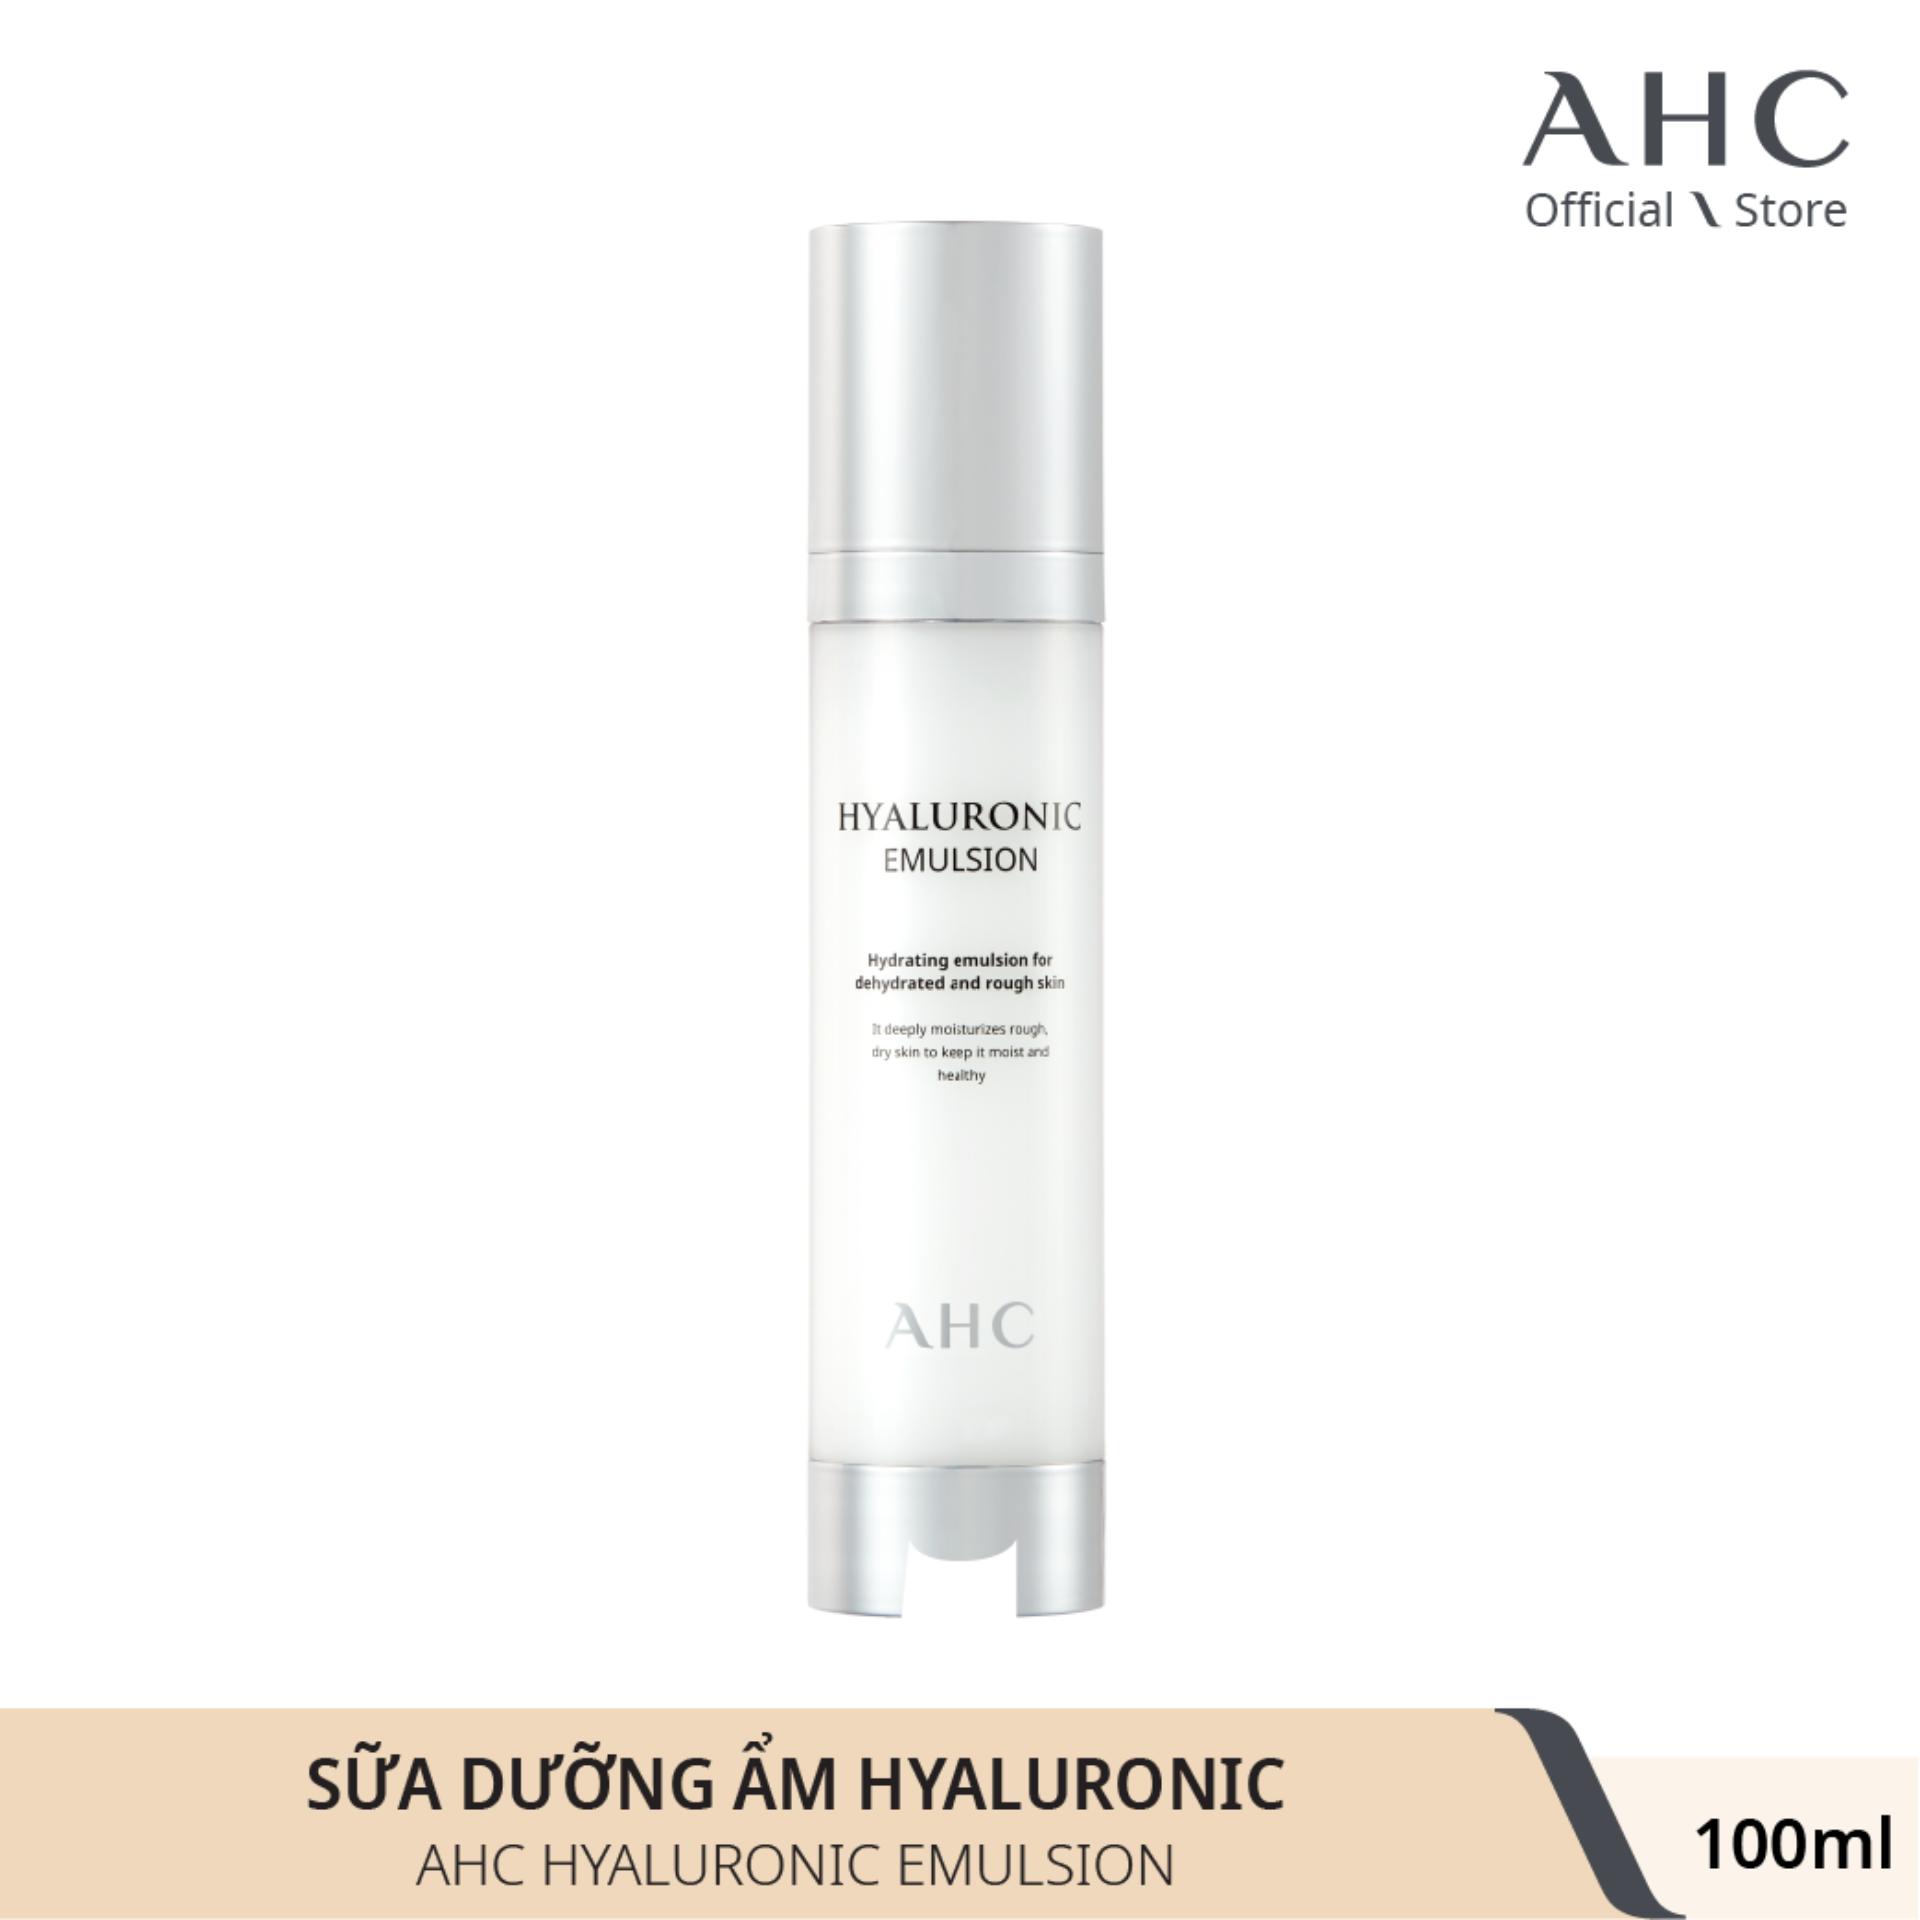 Sữa Dưỡng Cấp Nước AHC Hyaluronic Emulsion 100ml